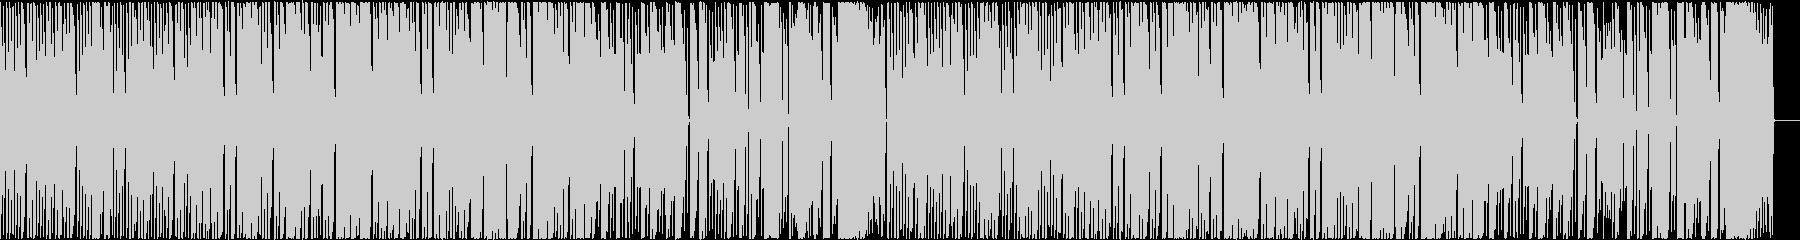 ロックマンを思わせる様な8bitサウンドの未再生の波形